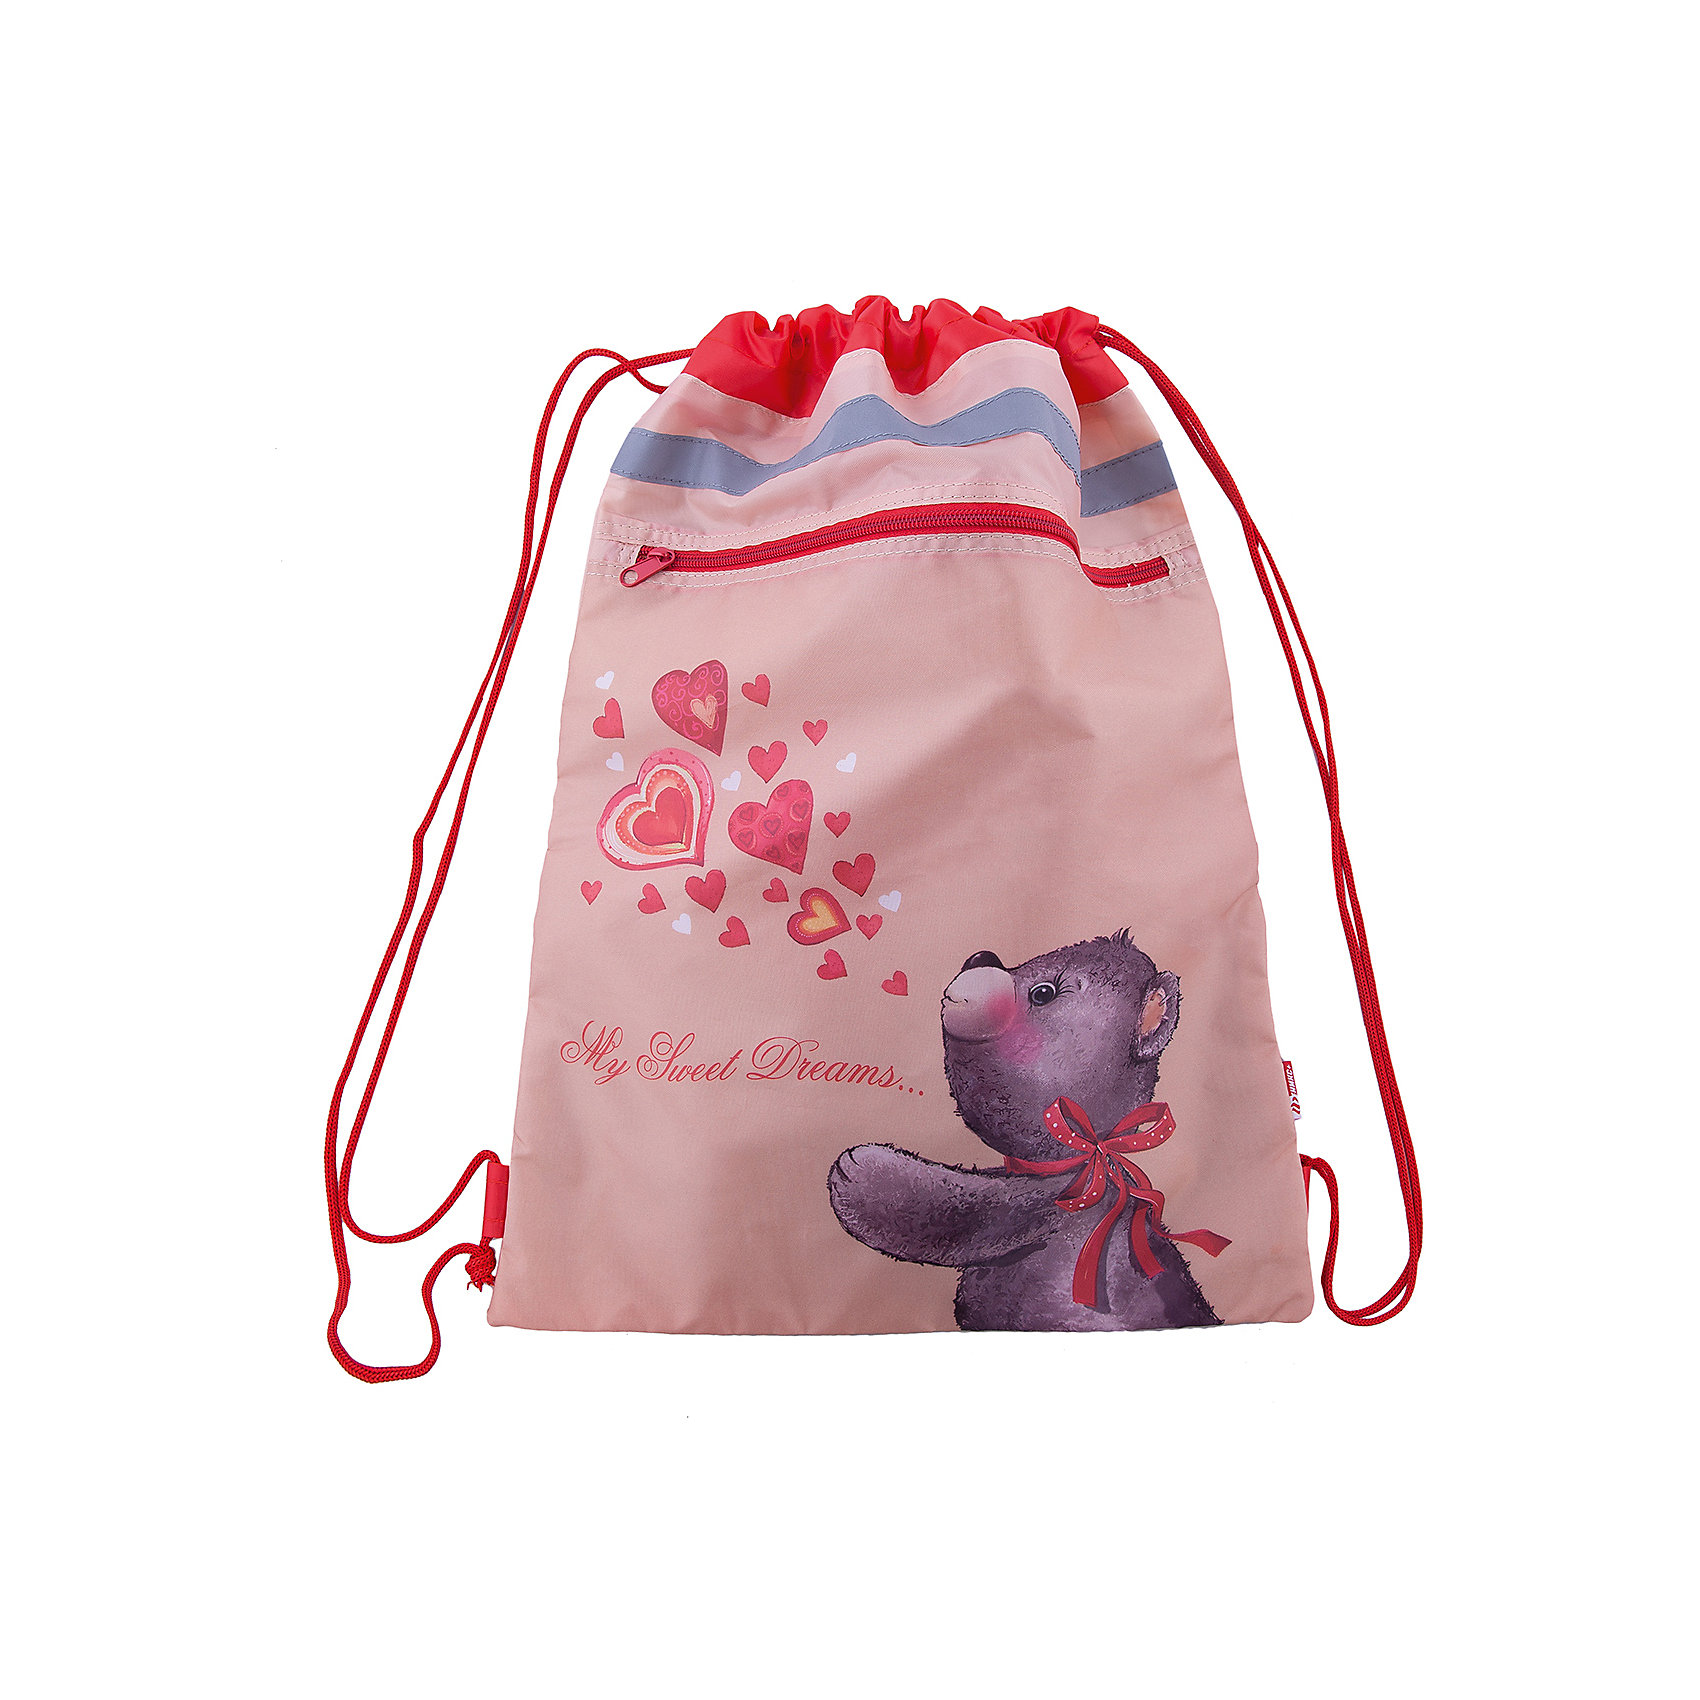 Мешок для обуви Мишка и сердечкиСтильный мешок для сменной обуви прекрасно подчеркнет индивидуальный стиль Вашего ребенка!<br><br>Дополнительная информация:<br><br>- Материал: полиэстер.<br>- Размер: 36х48 см.<br>- Размер упаковки: 48х36х0,5 см.<br>- Вес в упаковке: 80 г.<br><br>Купить мешок для обуви Мишка и сердечки можно в нашем магазине.<br><br>Ширина мм: 480<br>Глубина мм: 360<br>Высота мм: 5<br>Вес г: 80<br>Возраст от месяцев: 72<br>Возраст до месяцев: 2147483647<br>Пол: Женский<br>Возраст: Детский<br>SKU: 4943646